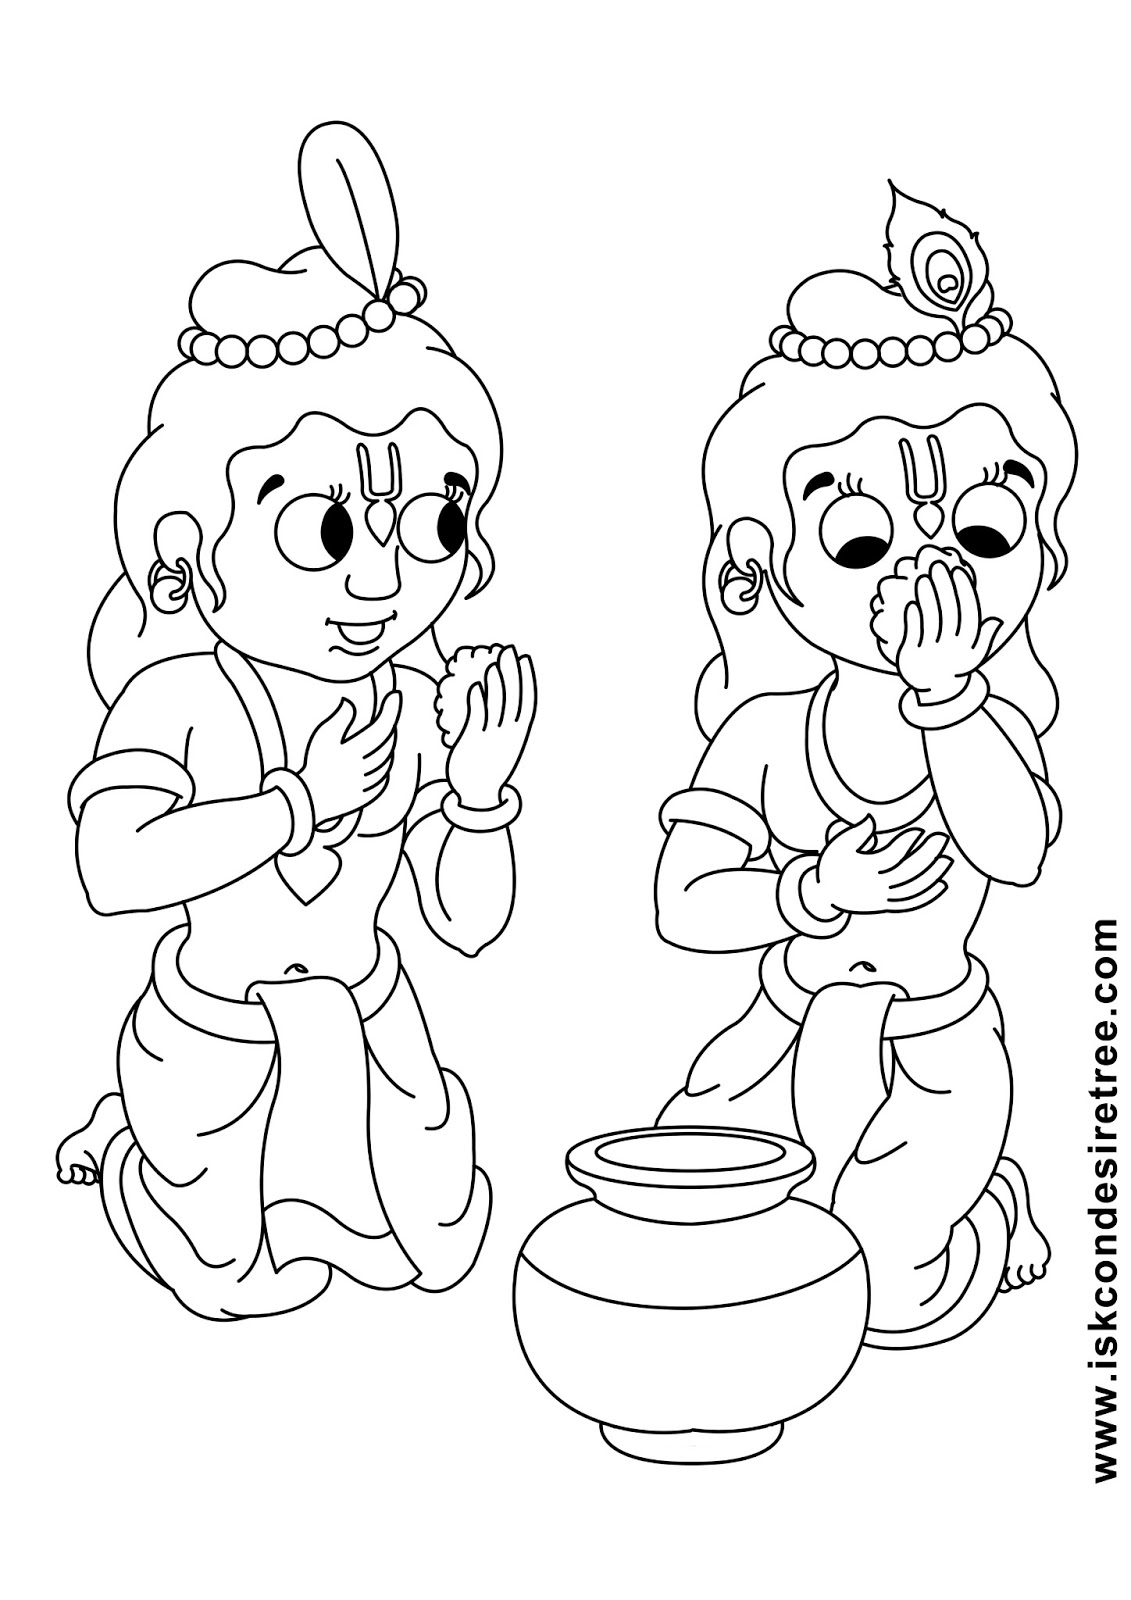 Line Drawing Krishna : Bhagavat chintan das bhikaji sri krishna balarama line